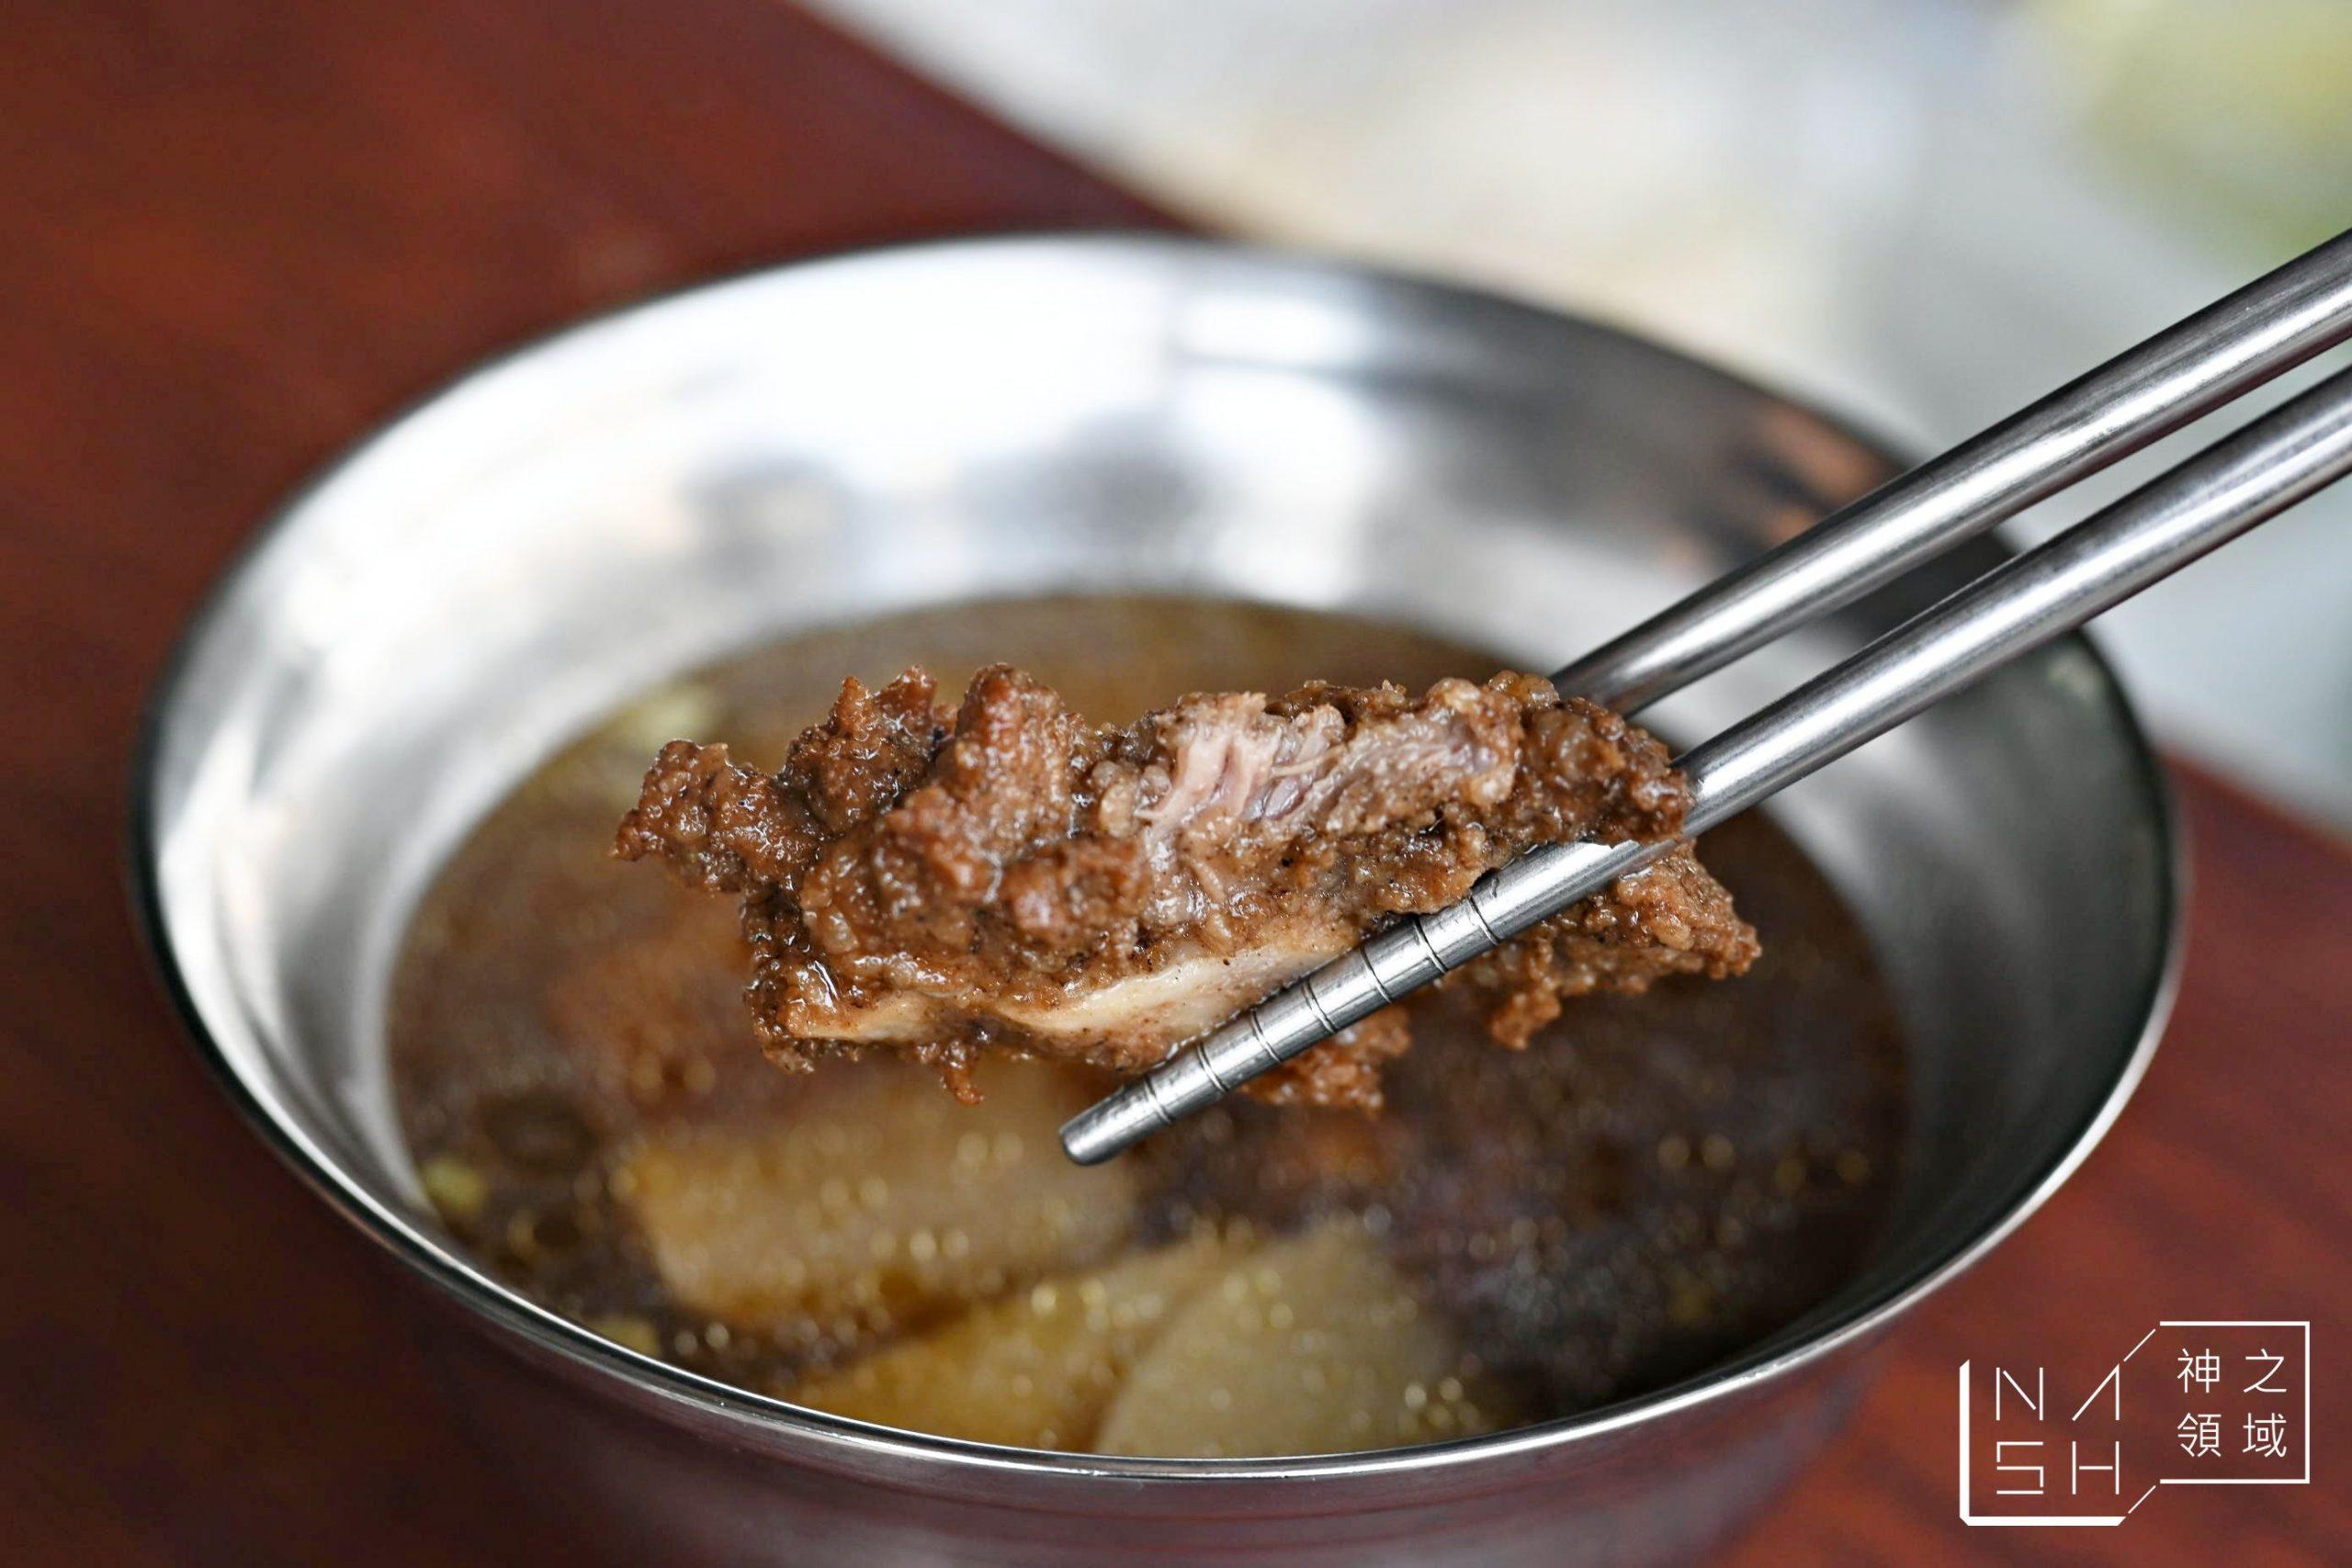 天品排骨酥湯